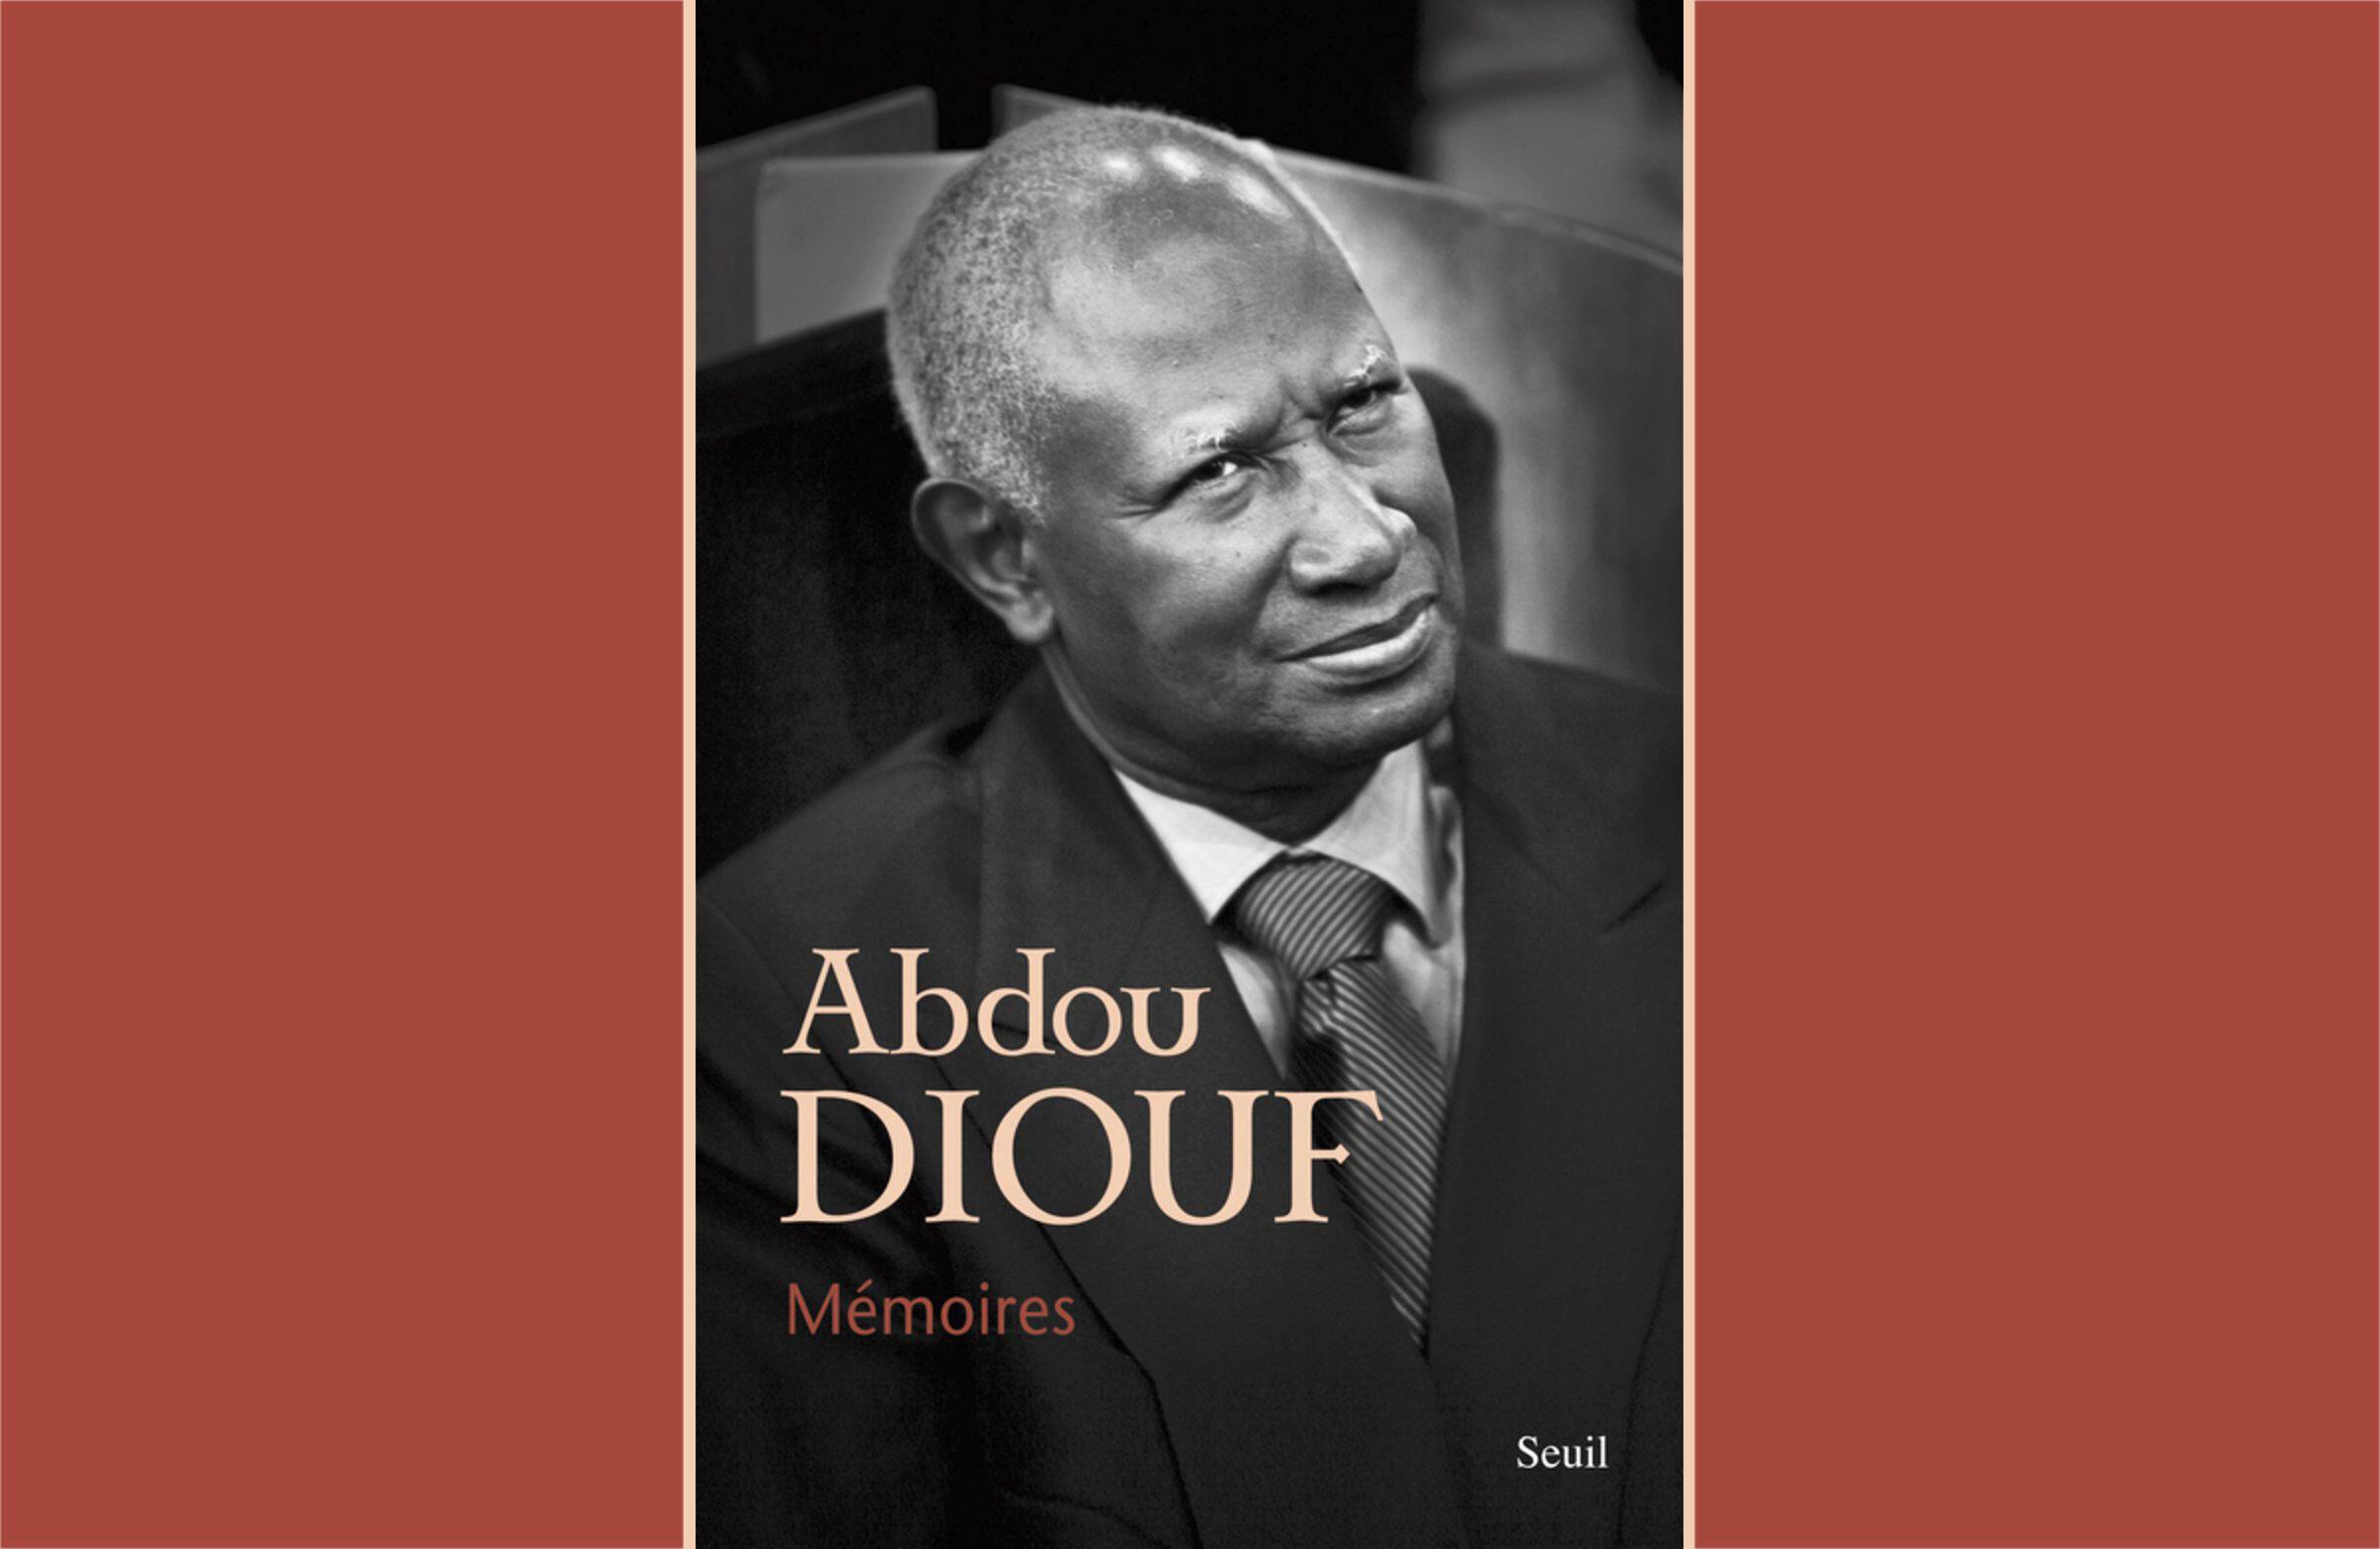 <i>Mémoires, </i>d'Abdou Diouf, paru aux Editions du Seuil. (novembre 2014)